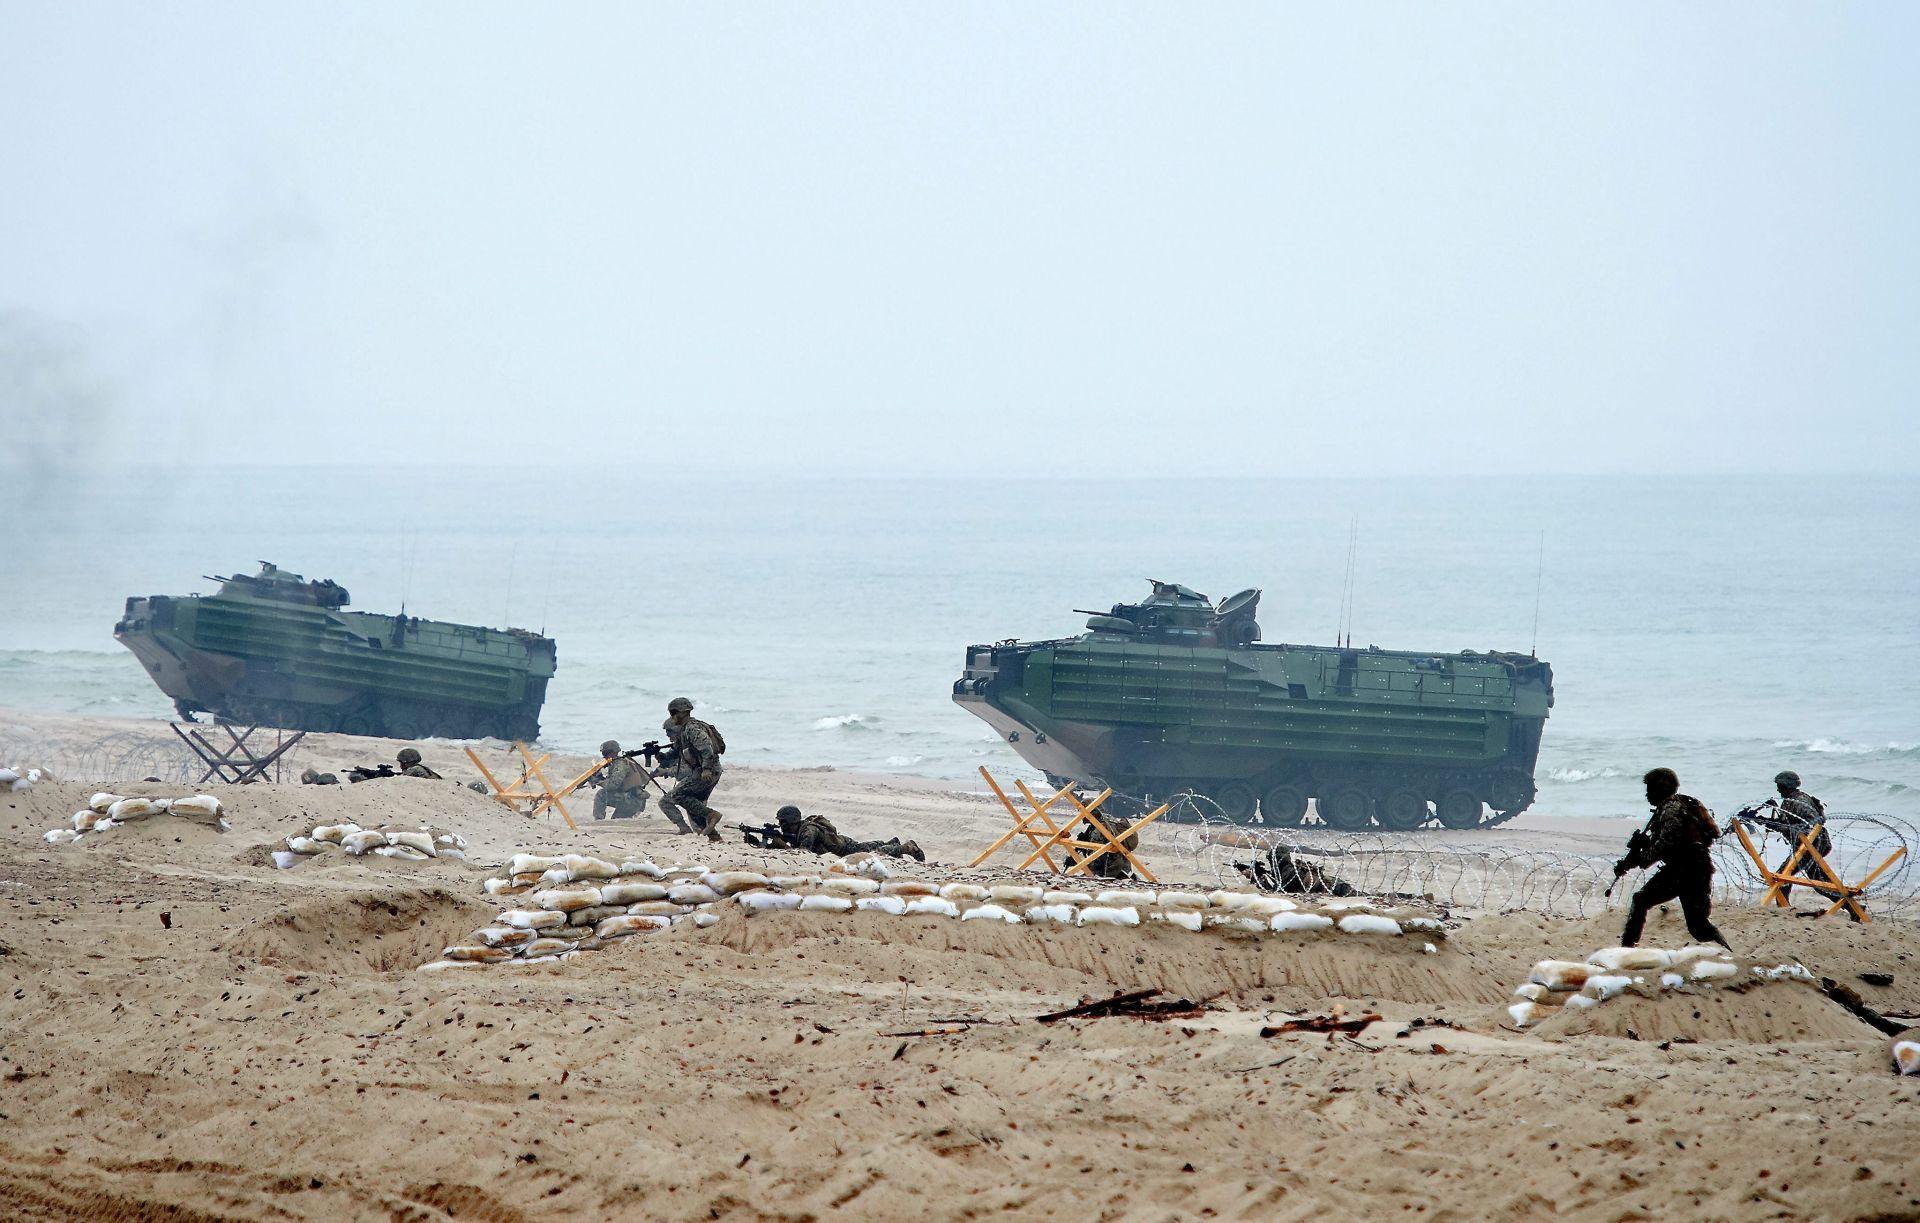 NE ŽELE RATOVATI: Bugarska se neće pridružiti floti NATO-a na Crnom moru